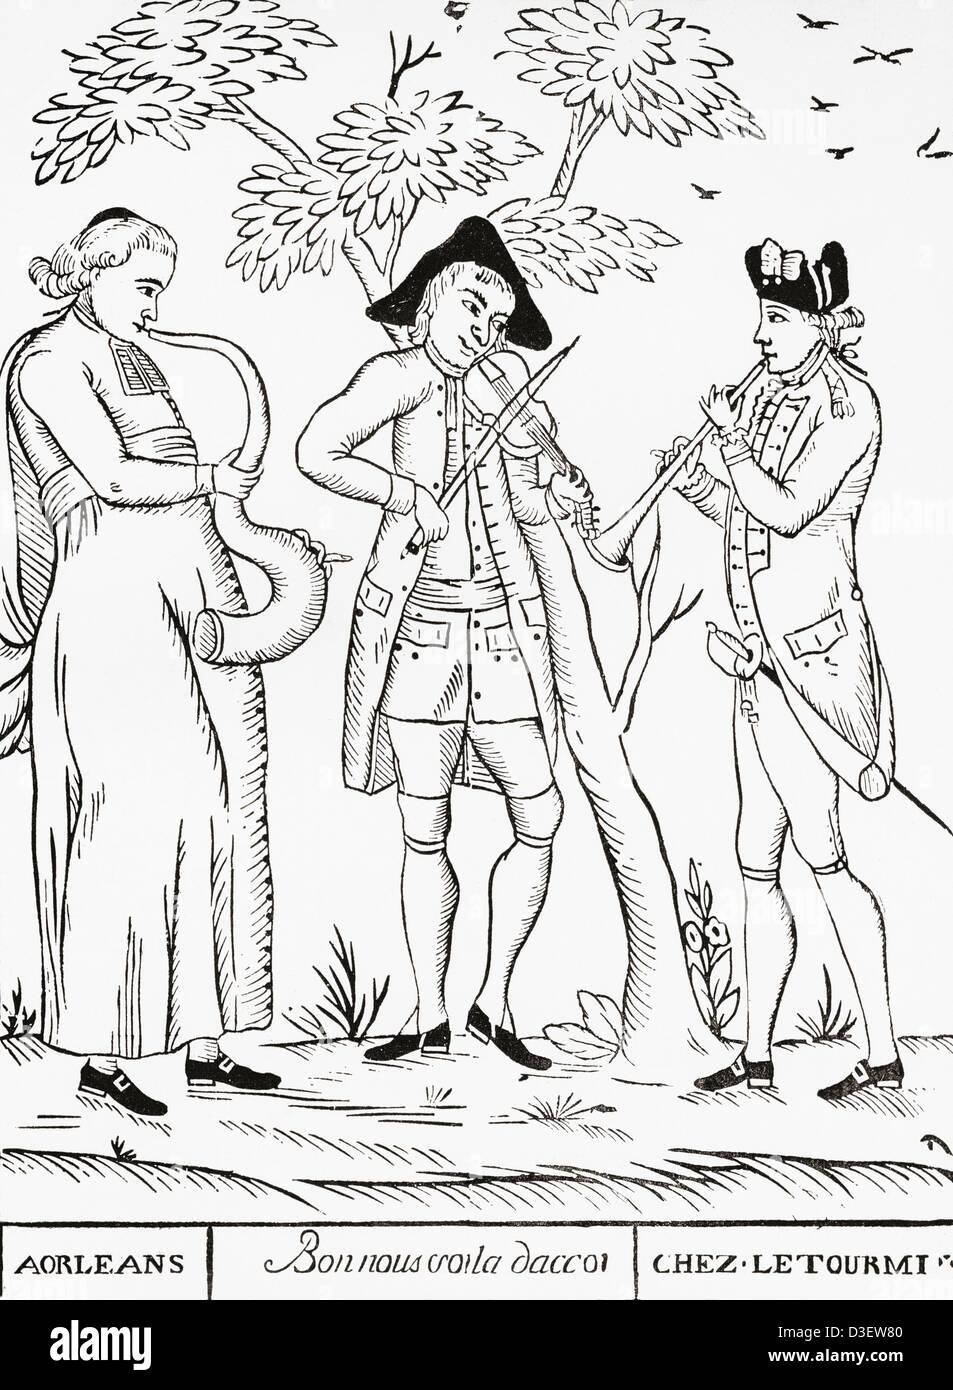 La reunion dei tre ordini di francese, il clero e la nobiltà ed i lavoratori, nel XVIII secolo. Immagini Stock